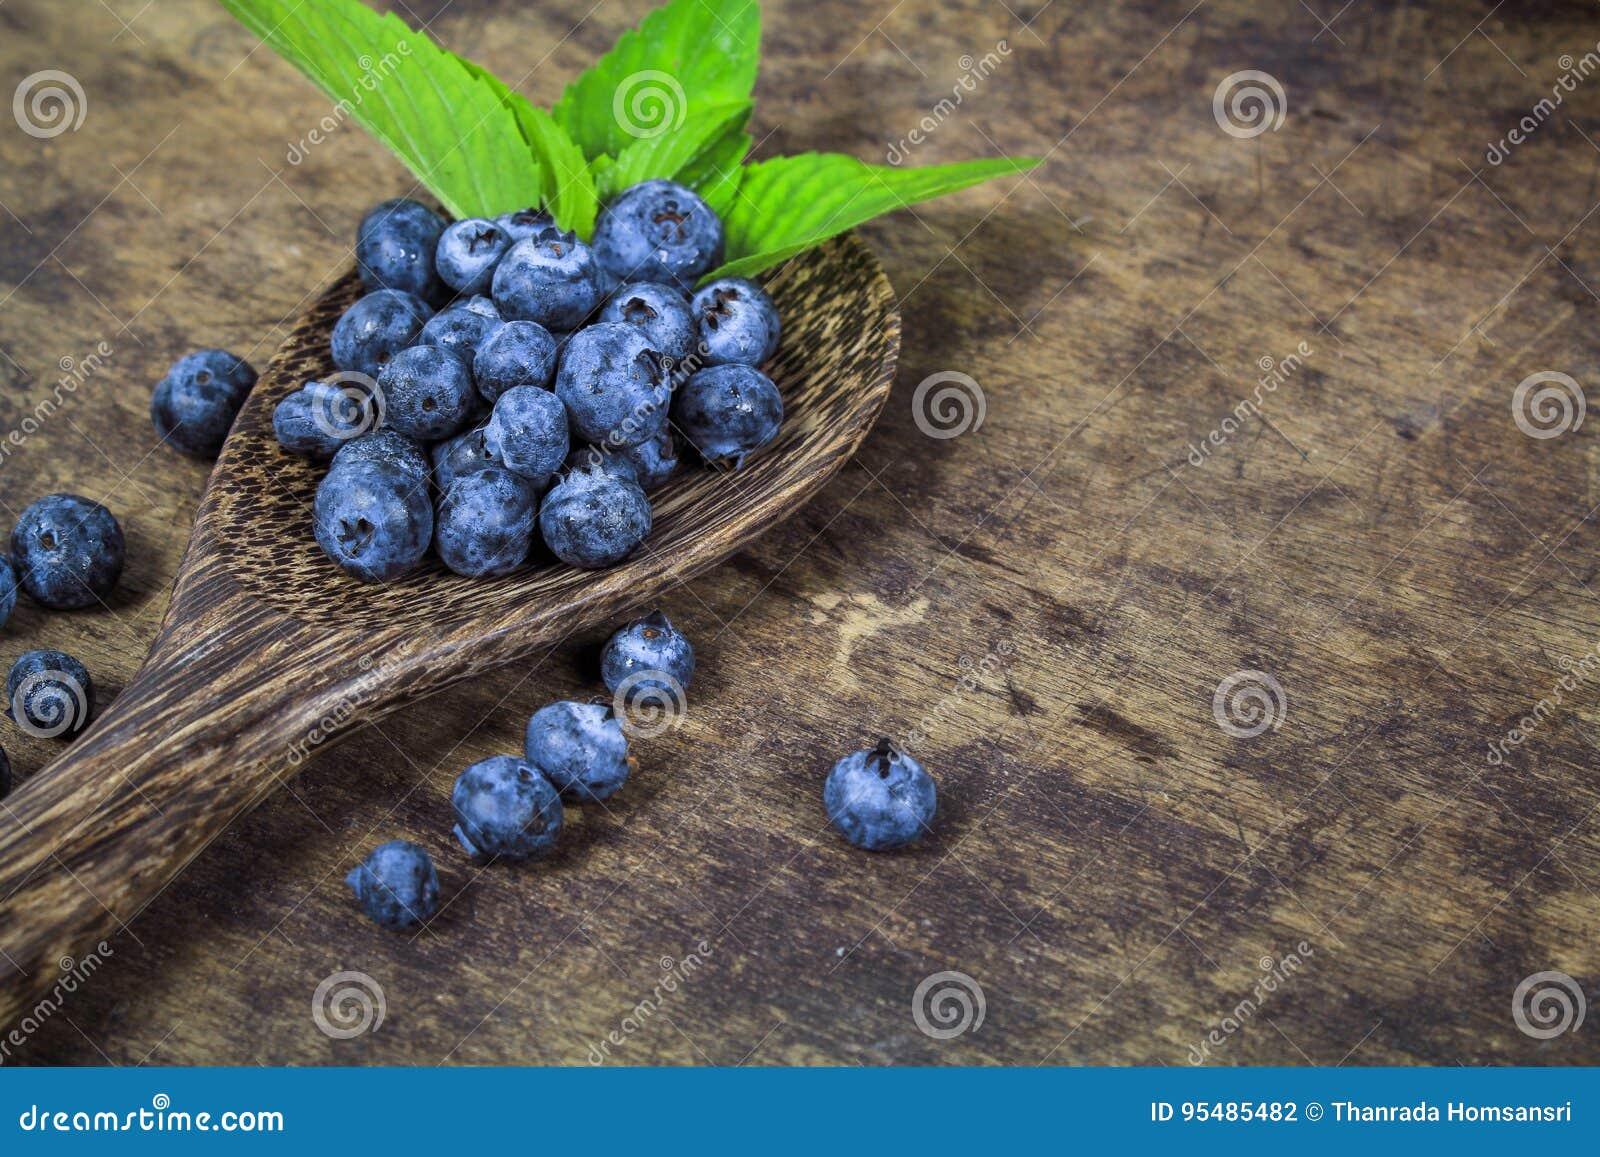 Fresh blueberry with leaf